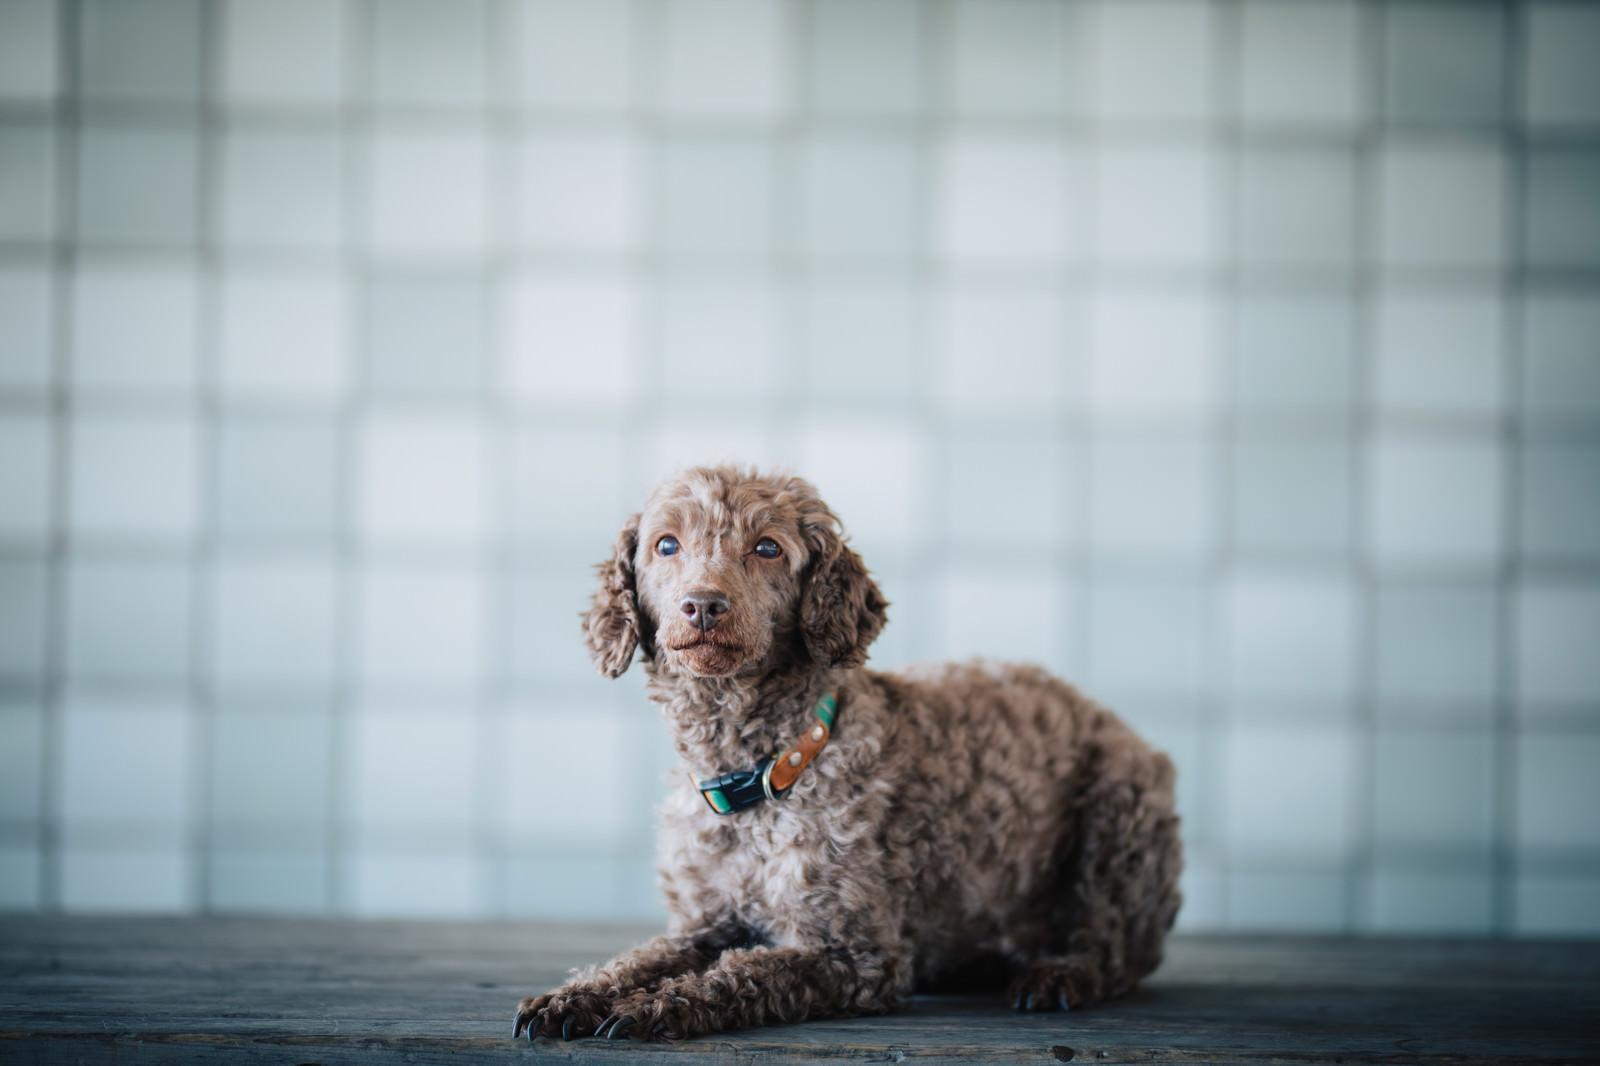 「「おすわり」するしつけの出来た犬「おすわり」するしつけの出来た犬」のフリー写真素材を拡大